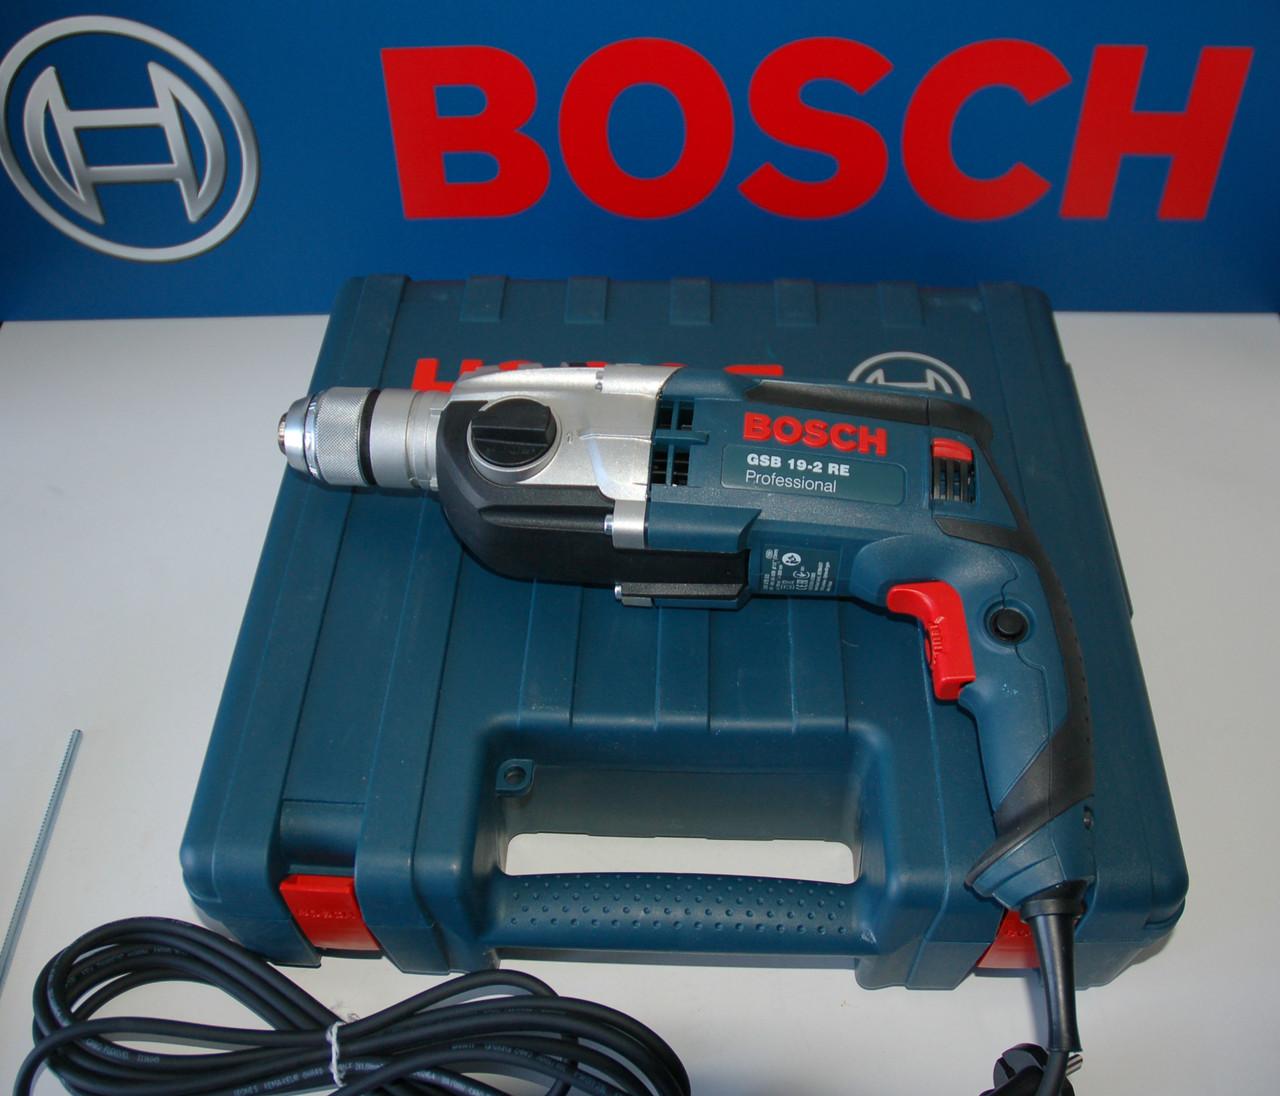 Ударная дрель Bosch GSB 19-2 RE (бзп), 060117B500